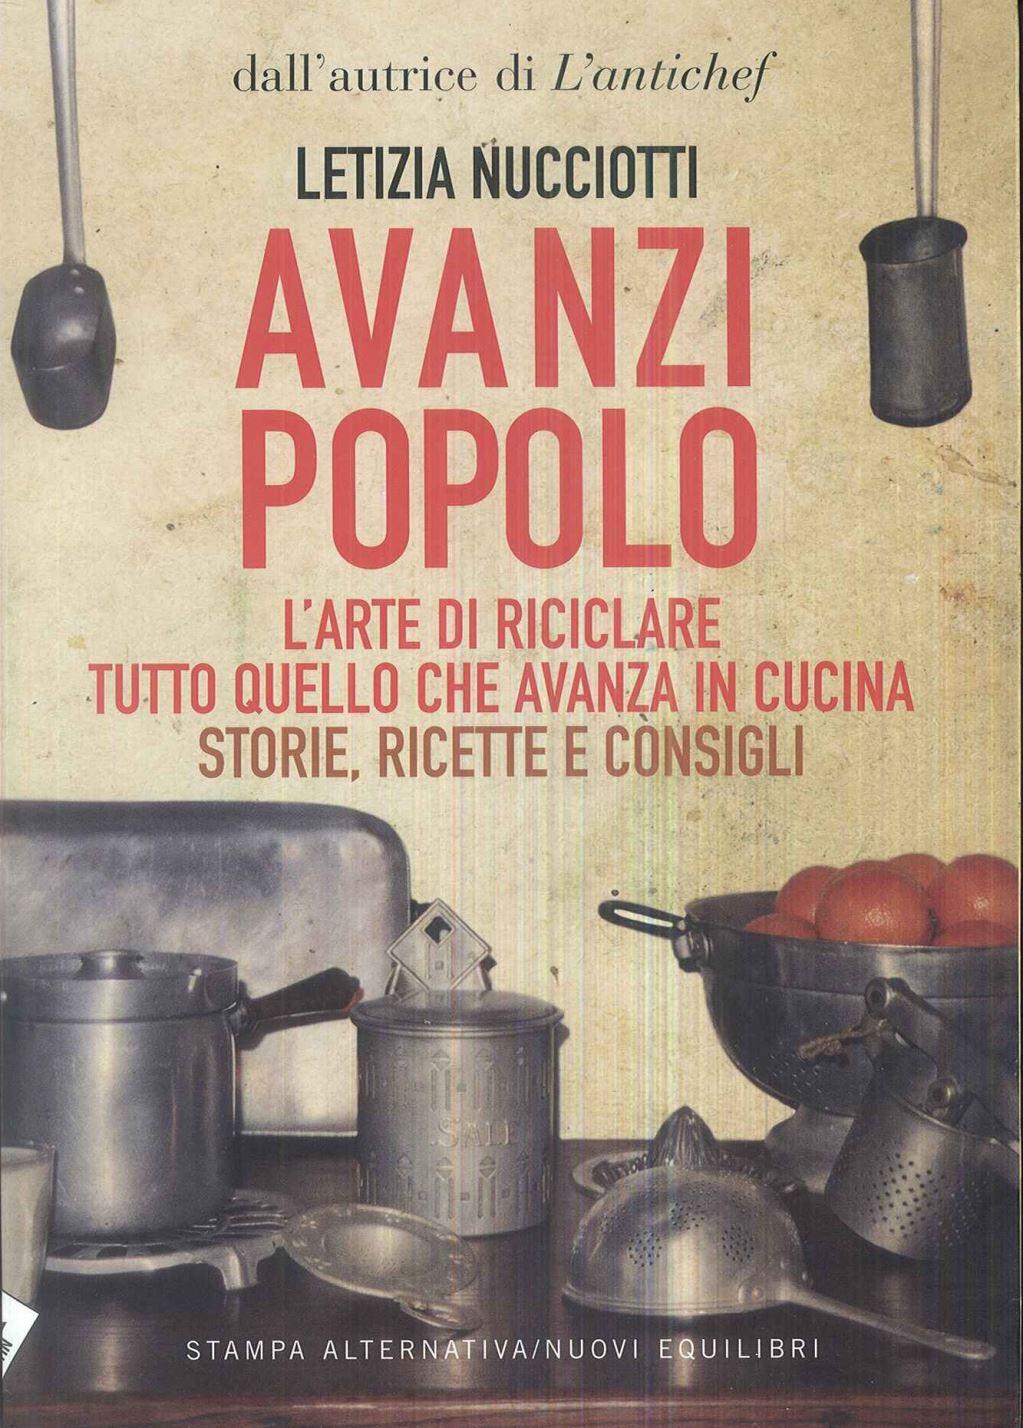 Avanzi Popolo - Letizia Nucciotti - Stampa Alternativa ...